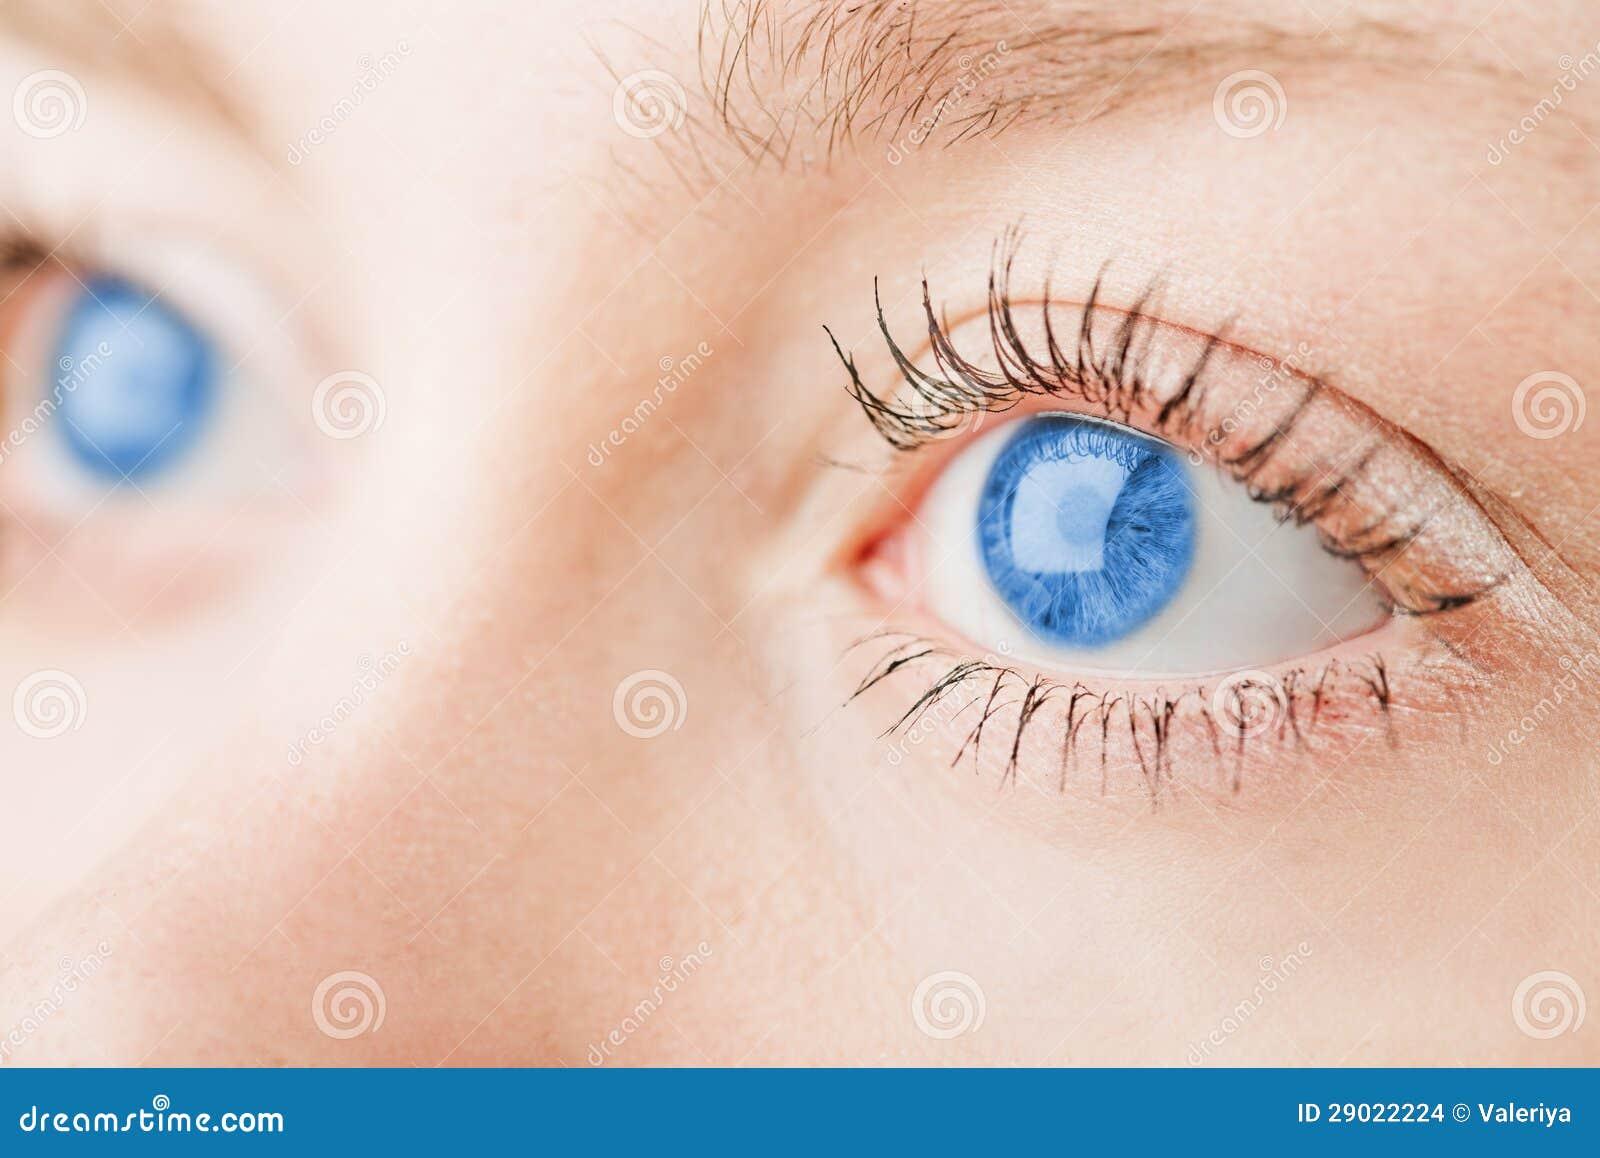 human blue eyes stock images image 29022224